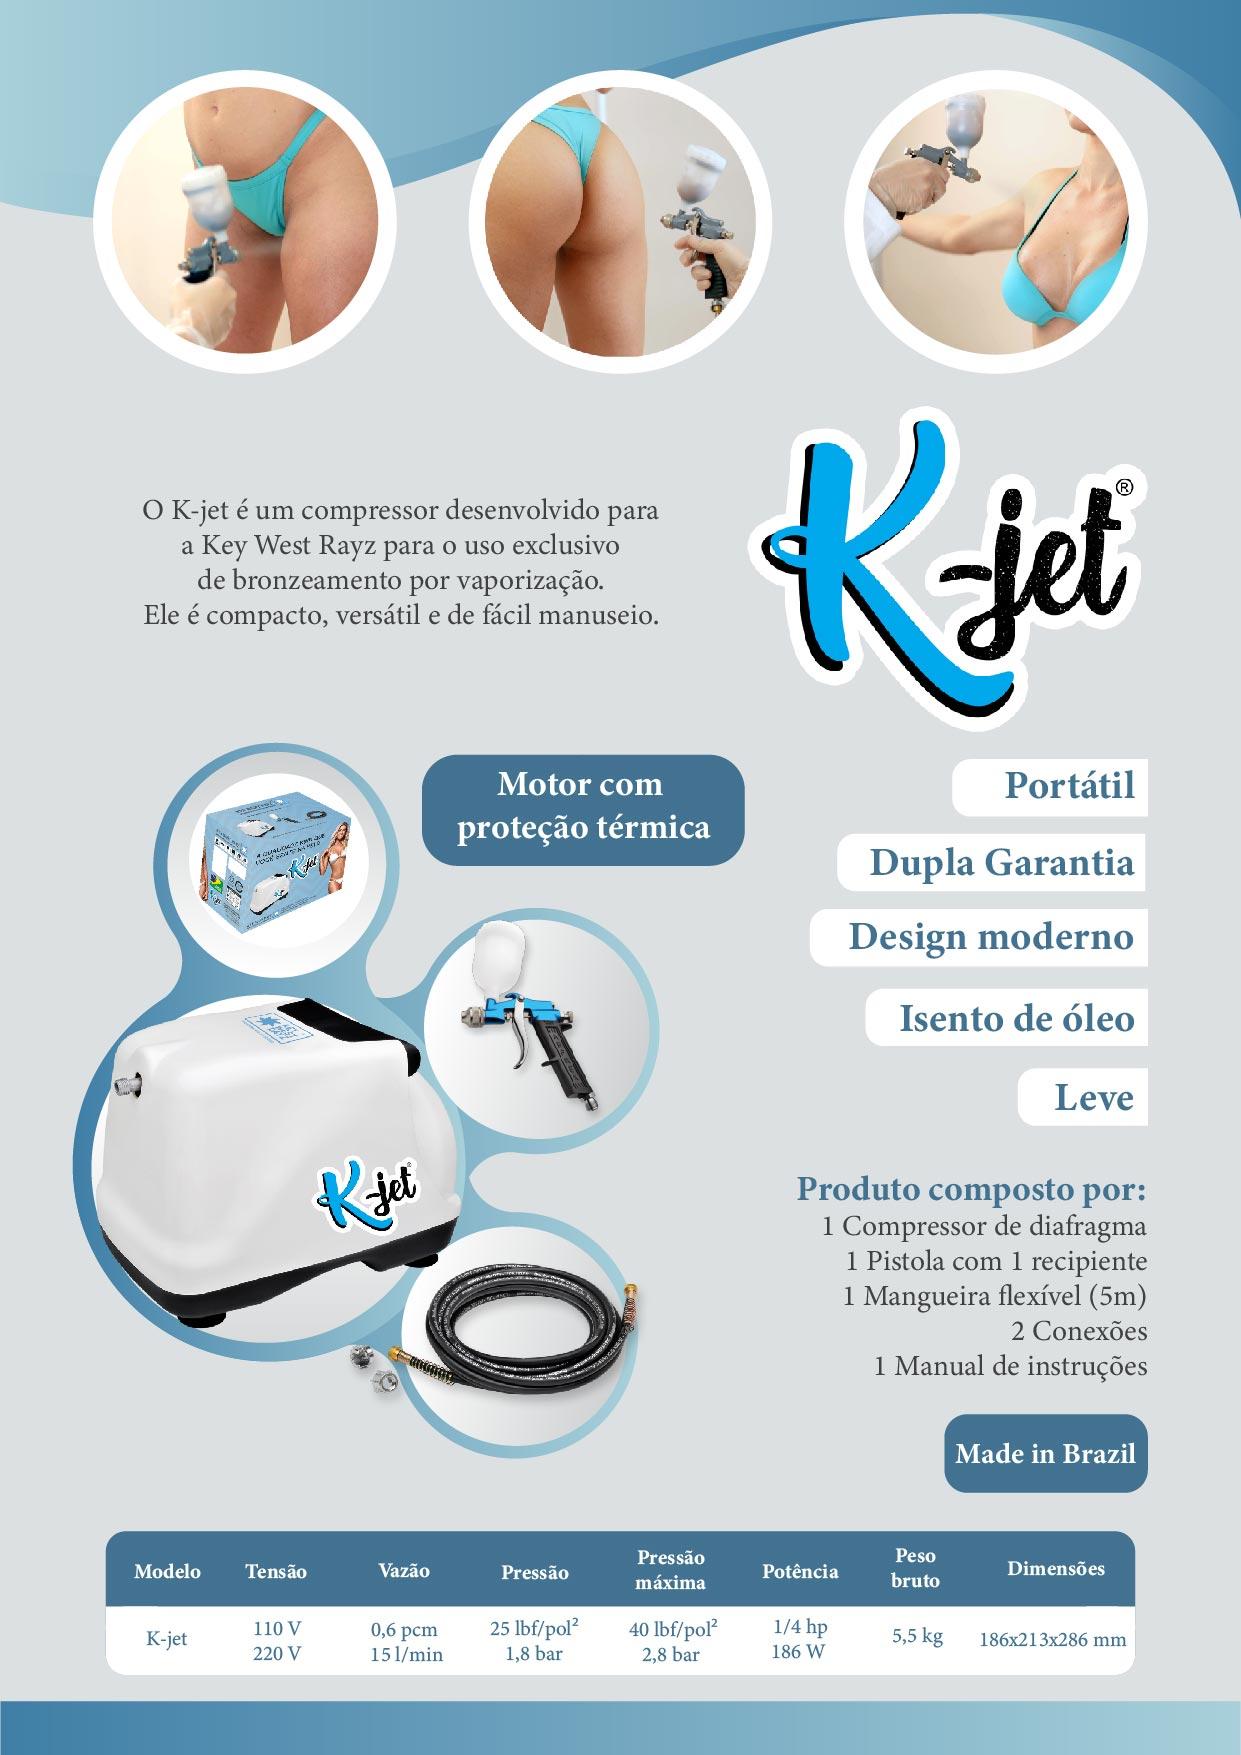 Compressor K-JET  - Key West Rayz